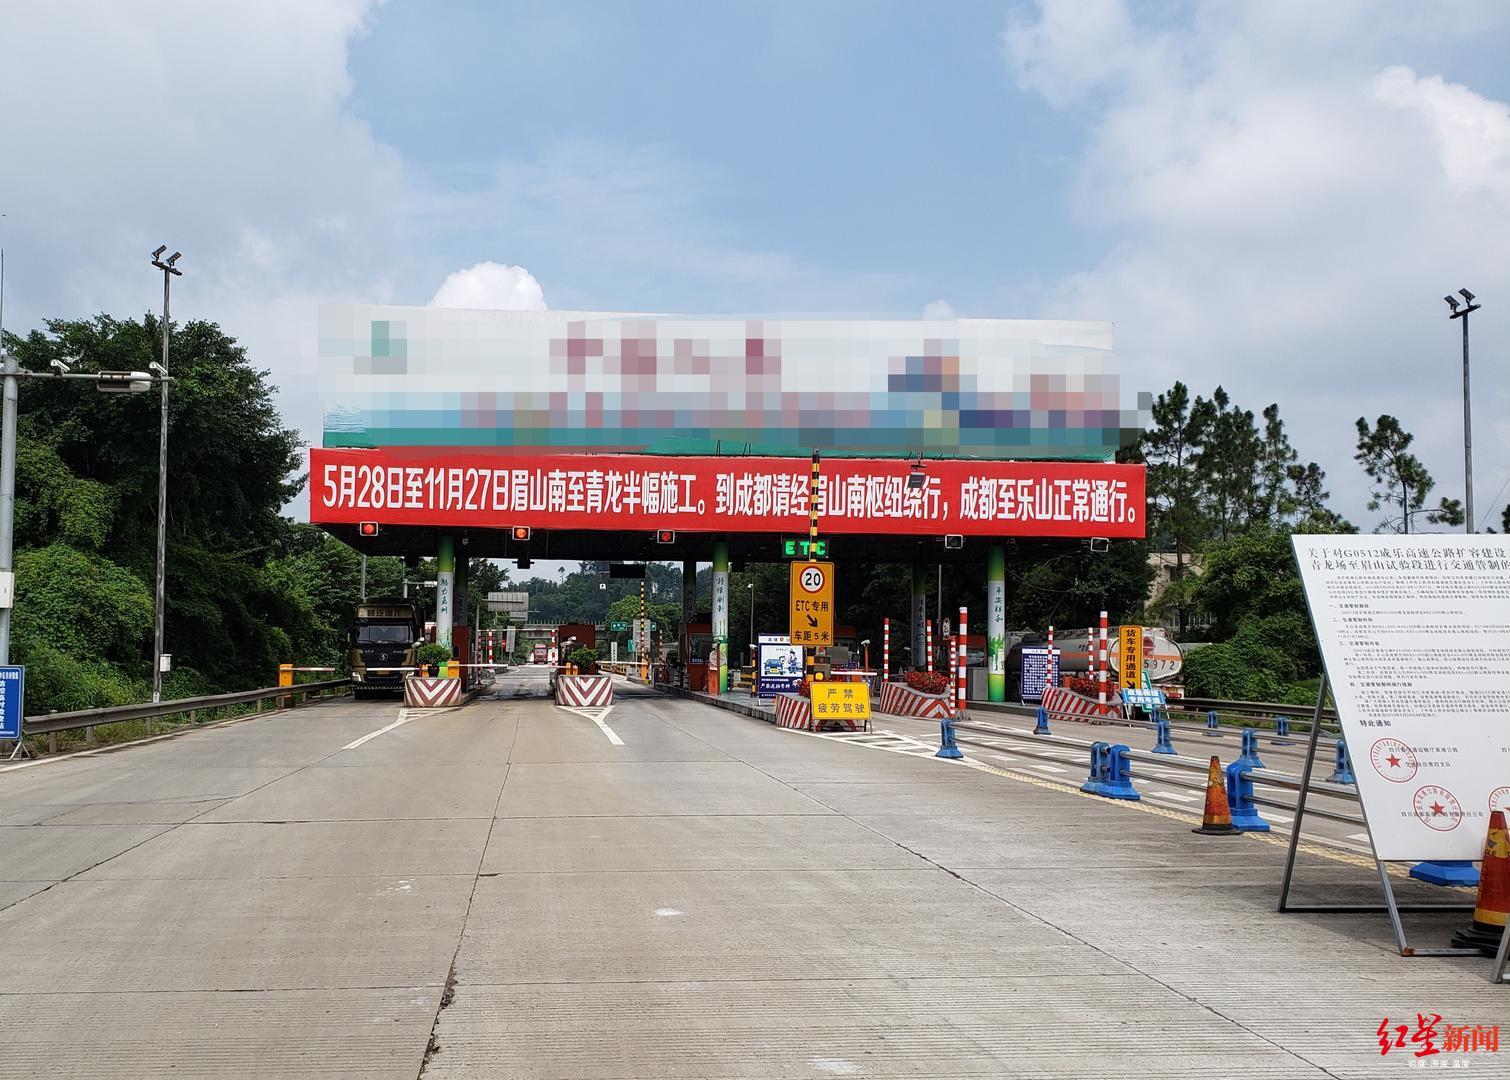 成乐高速扩容棉竹互通将改造 部分路段将交通管制